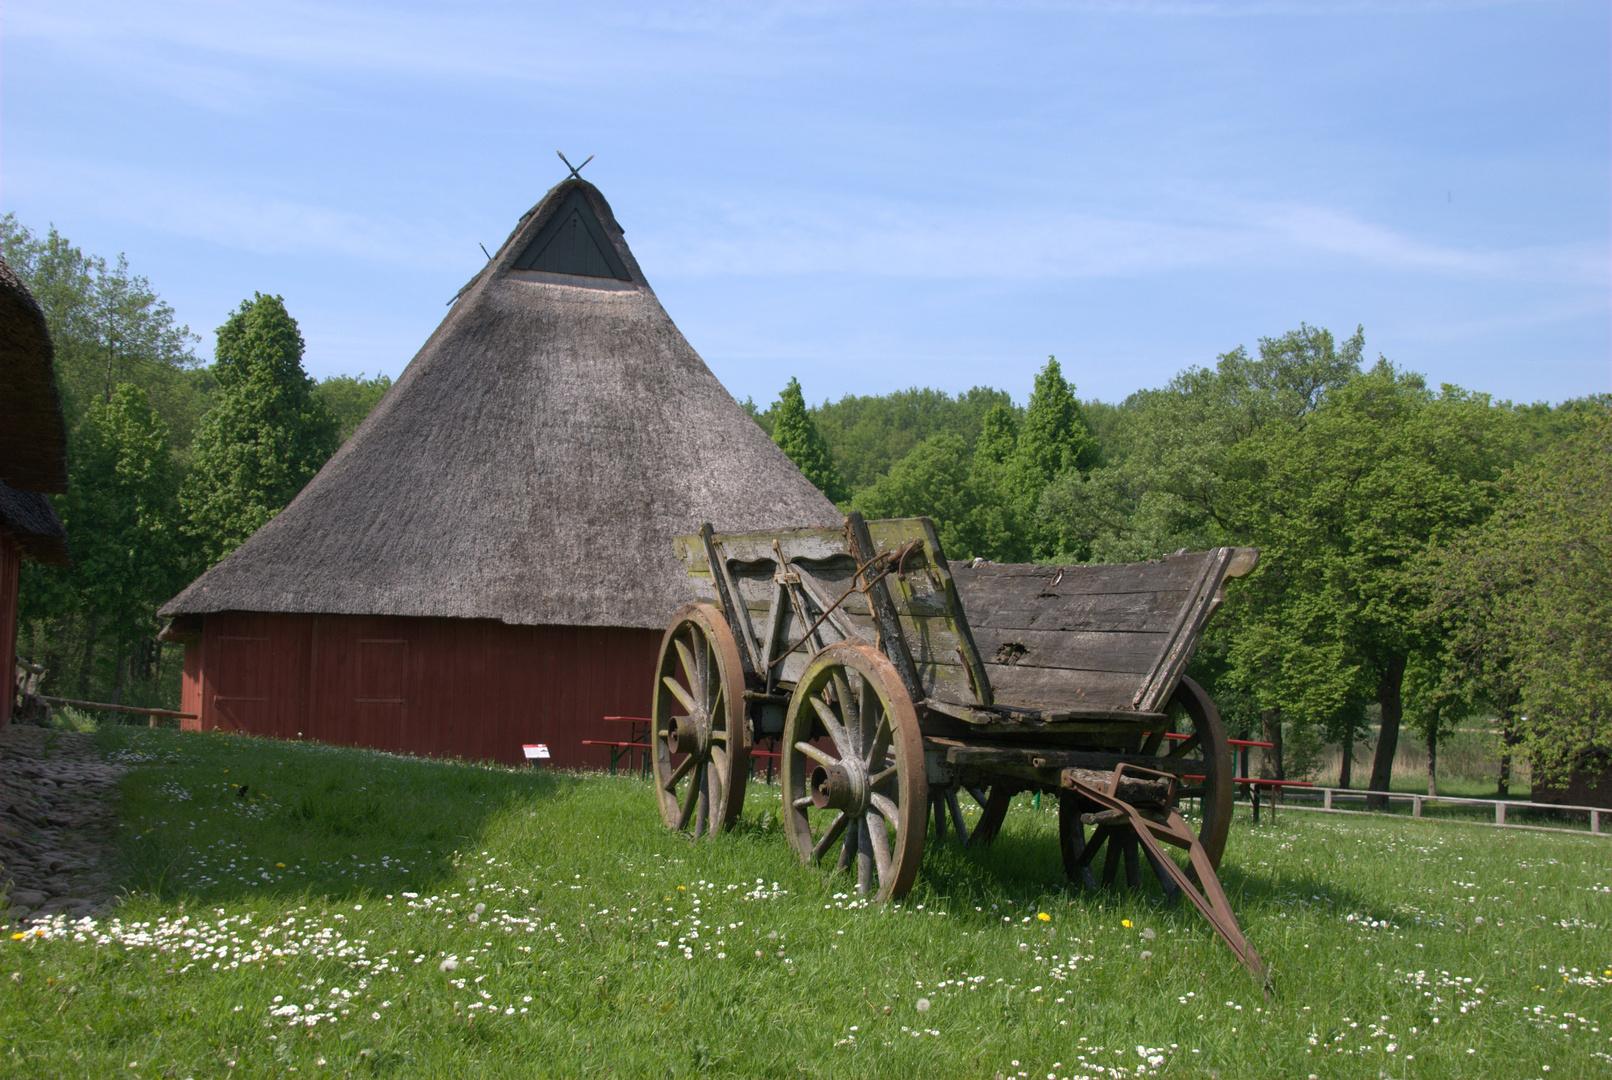 Mai im Freilichtmuseum in Molfsee.